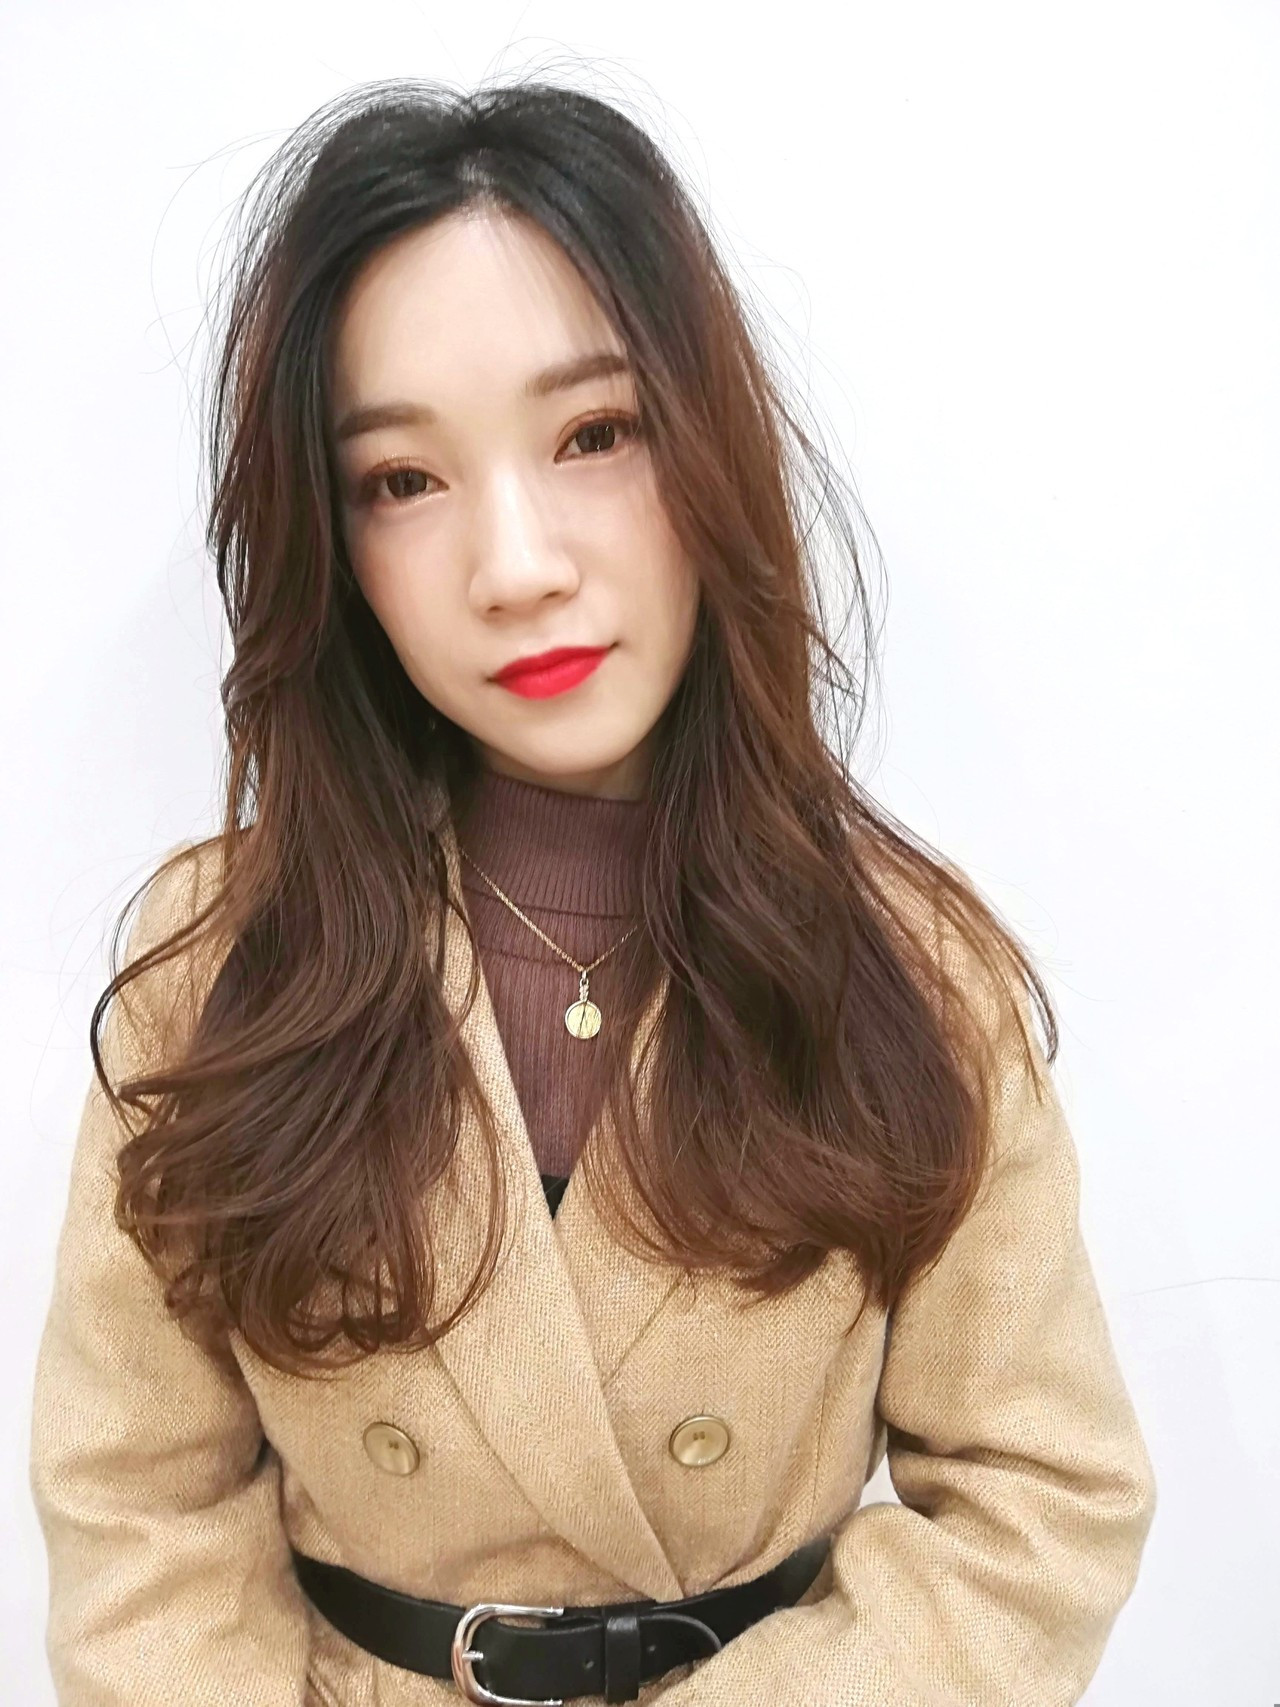 ロング 大人ヘアスタイル 韓国風ヘアー デジタルパーマ ヘアスタイルや髪型の写真・画像